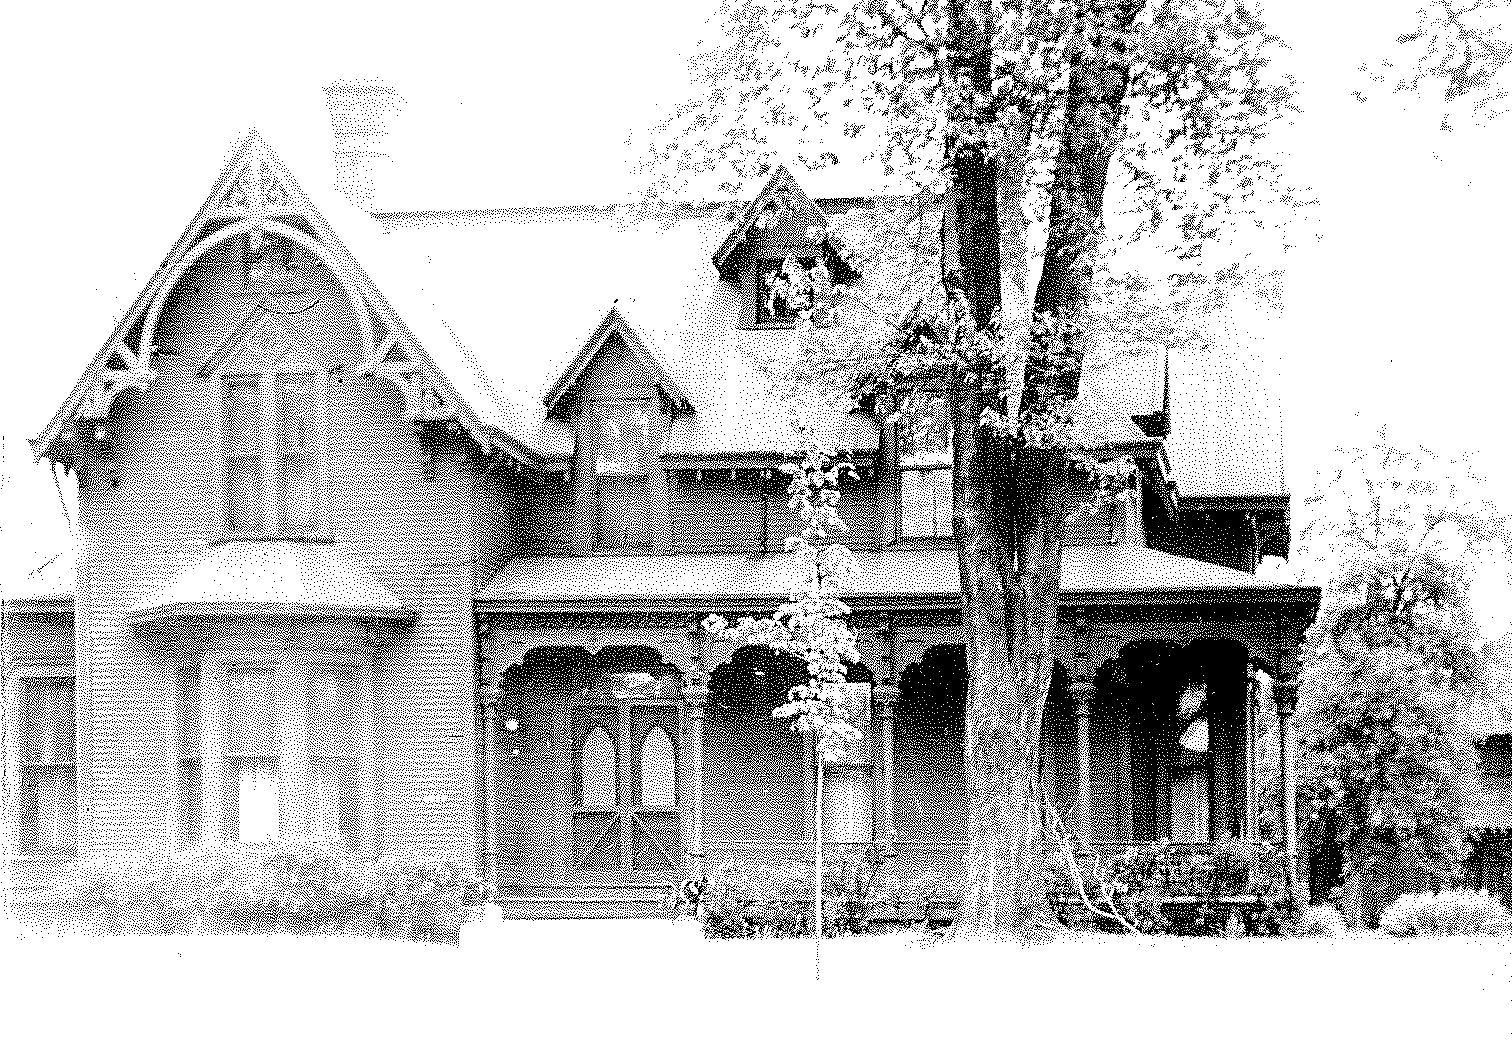 Spann/Miller House, 1207 Delaware